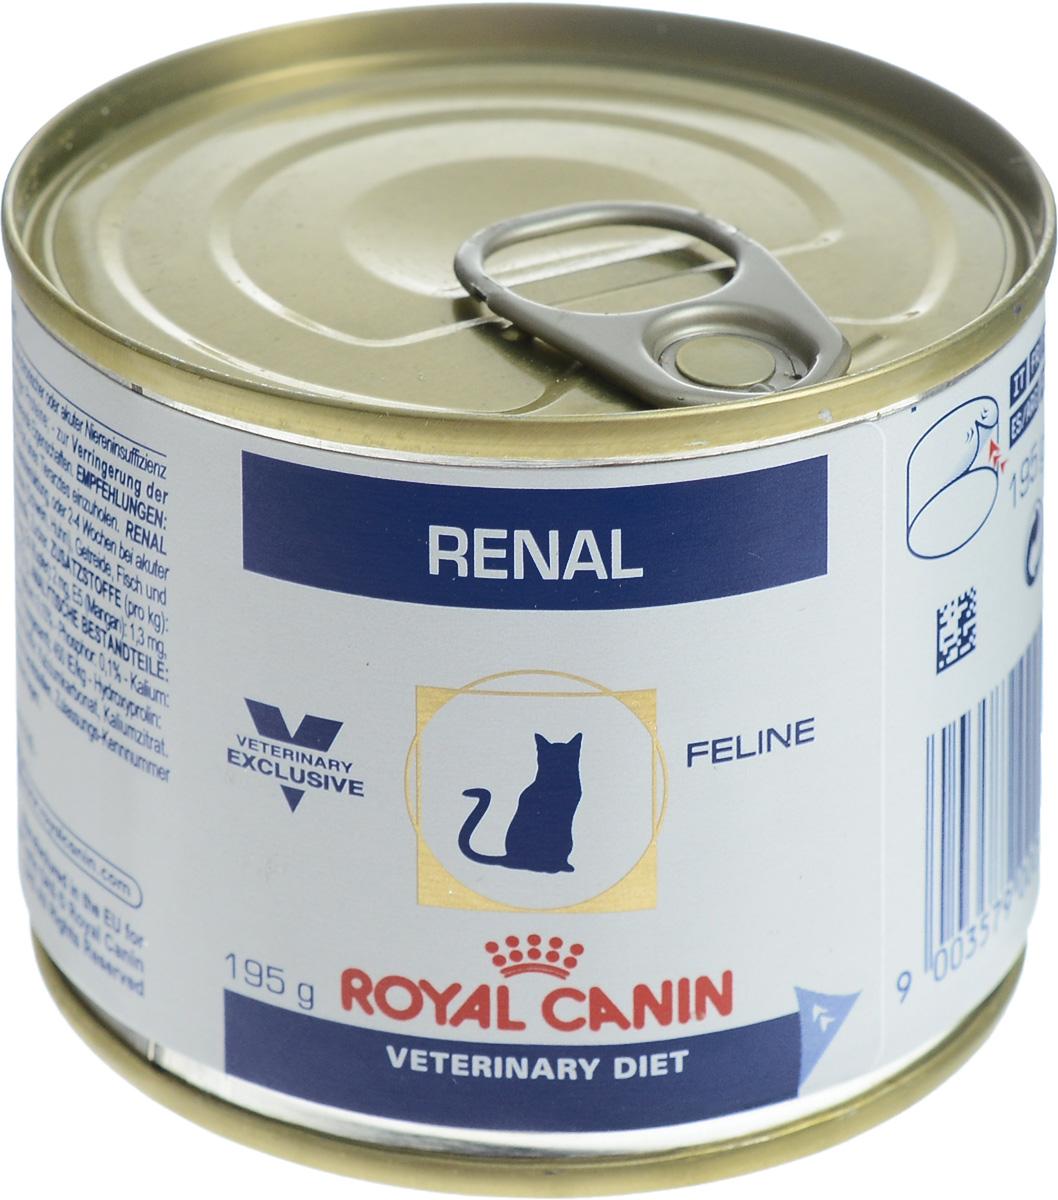 Консервы для кошек Royal Canin Renal, с почечной недостаточностью, с курицей, 195 г54519Royal Canin Renal - полнорационный диетический корм для кошек. Применяется для поддержания функции почек при острой или хронической почечной недостаточности, благодаря пониженному содержанию фосфора и высококачественного белка. Корм способствует профилактике оксалатного уролитиаза, благодаря низкому содержанию кальция и витамина D и повышенной способности к защелачиванию мочи.Показания:- хроническая почечная недостаточность (ХПН); - профилактика рецидивов образования камней оксалата кальция у кошек с ослабленной функцией почек; - профилактика рецидивов уролитиаза (уратов, цистинов), вызванных снижением уровня рН мочи. Противопоказания:- беременность, лактация, рост.Формула продуктов специально разработана для поддержания почечной функции при ХПН. Продукты отличаются низким содержанием фосфора, содержат комплекс антиоксидантов, жирные кислоты ЕРА и DHA. При ХПН почки теряют способность надлежащим образом выводить фосфор. Низкое содержание фосфора в продукте способствует замедлению развития болезни. При кормлении диетическим кормом с адаптированным содержанием рыбьего жира (источника незаменимых жирных кислот ЕРА и DHA) повышается скорость клубочковой фильтрации. Чрезмерная нагрузка на почки может спровоцировать уремический криз. Высокое качество и адаптированное содержание белков способствуют снижению нагрузки на почки. Если содержание белка в рационе значительно превышает минимальные потребности, при сниженной экскреторной функции почек продукты распада азота накапливаются в биологических жидкостях.ХПН может привести к метаболическому ацидозу, поэтому в состав продуктов входят подщелачивающие вещества. Почки играют важнейшую роль в поддержании кислотно- щелочного баланса. При нарушенной функции почек их способность к выведению ионов водорода и реабсорбции ионов бикарбоната снижена, в связи с чем высок риск метаболического ацидоза.Специально разработанный ароматический профиль пом